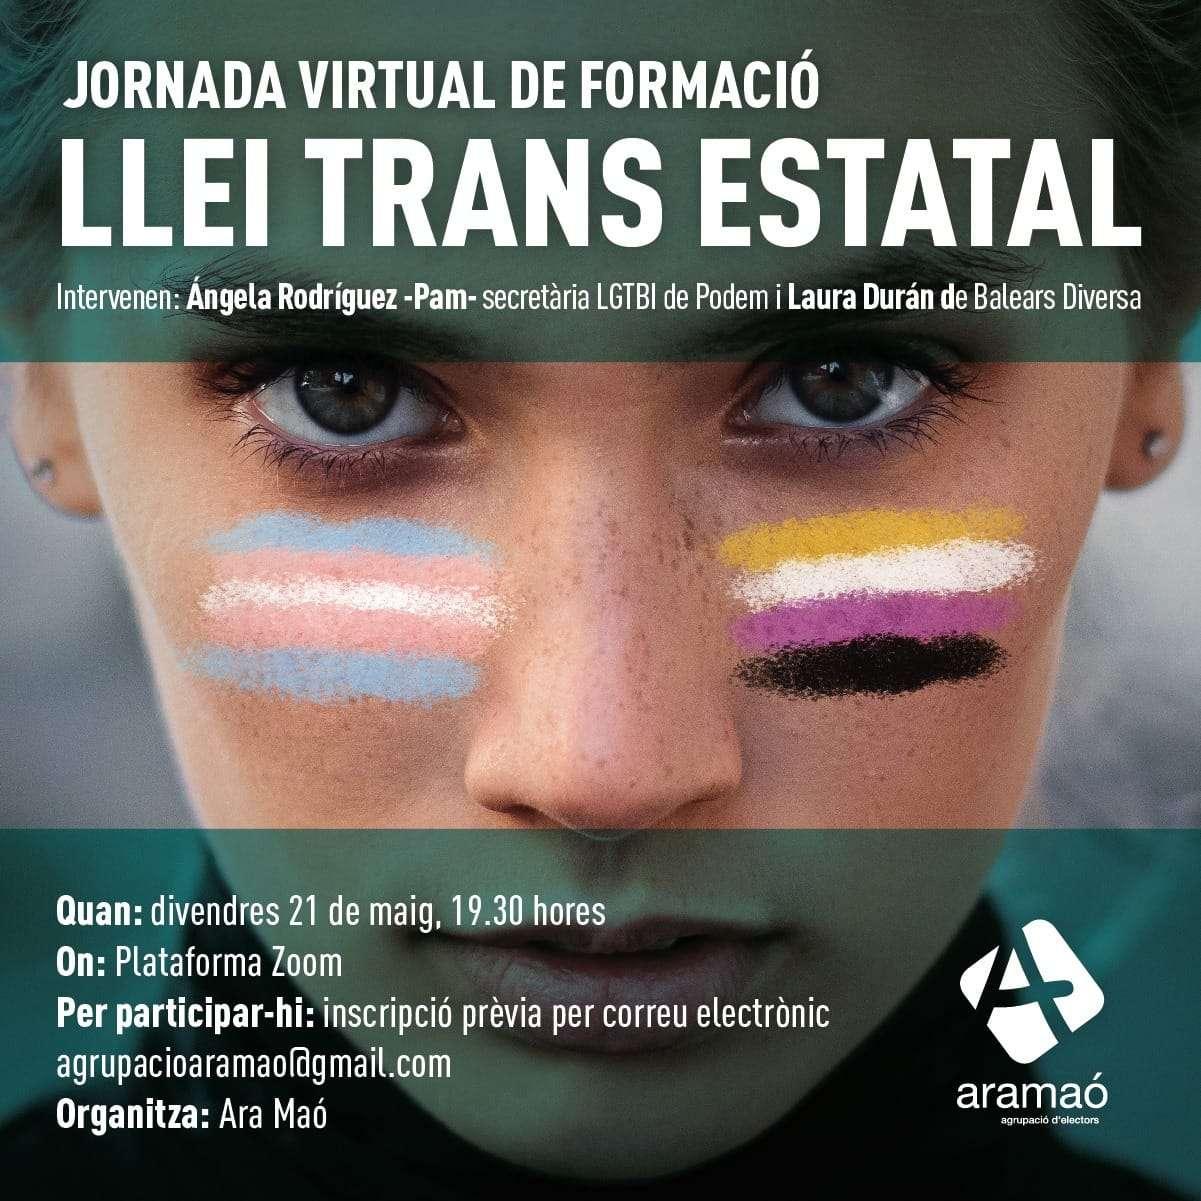 Jornada virtual de formació sobre la llei trans